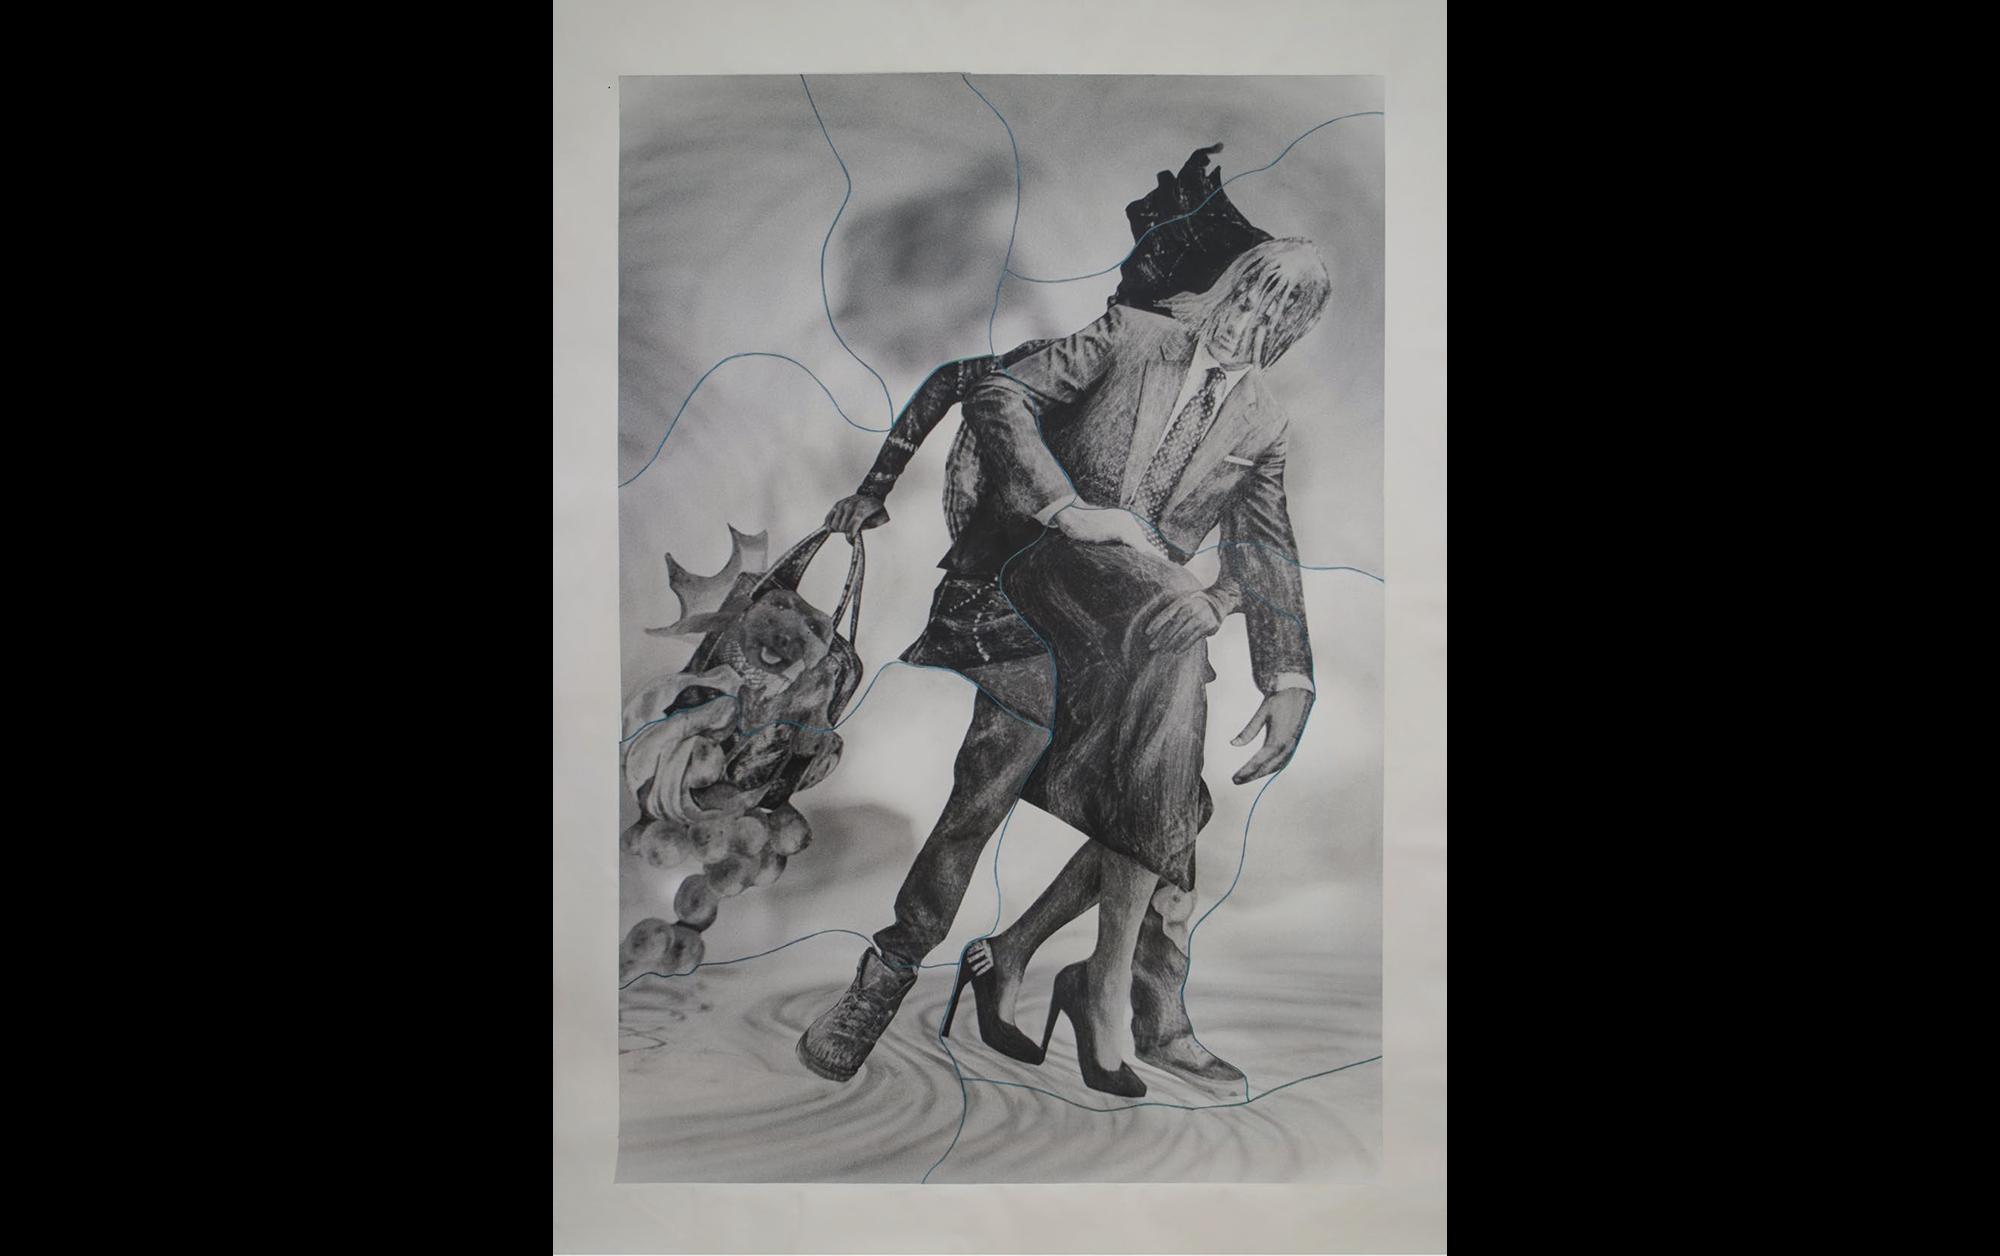 オノデラユキ「型にはまらない自由な発想で、写真表現の境界線を越えていく」 | Muybridge's Twist, No. 41. pastel, crayon, photographs, collage on canvas, 303 x 209cm. 2016, © Yuki Onodera